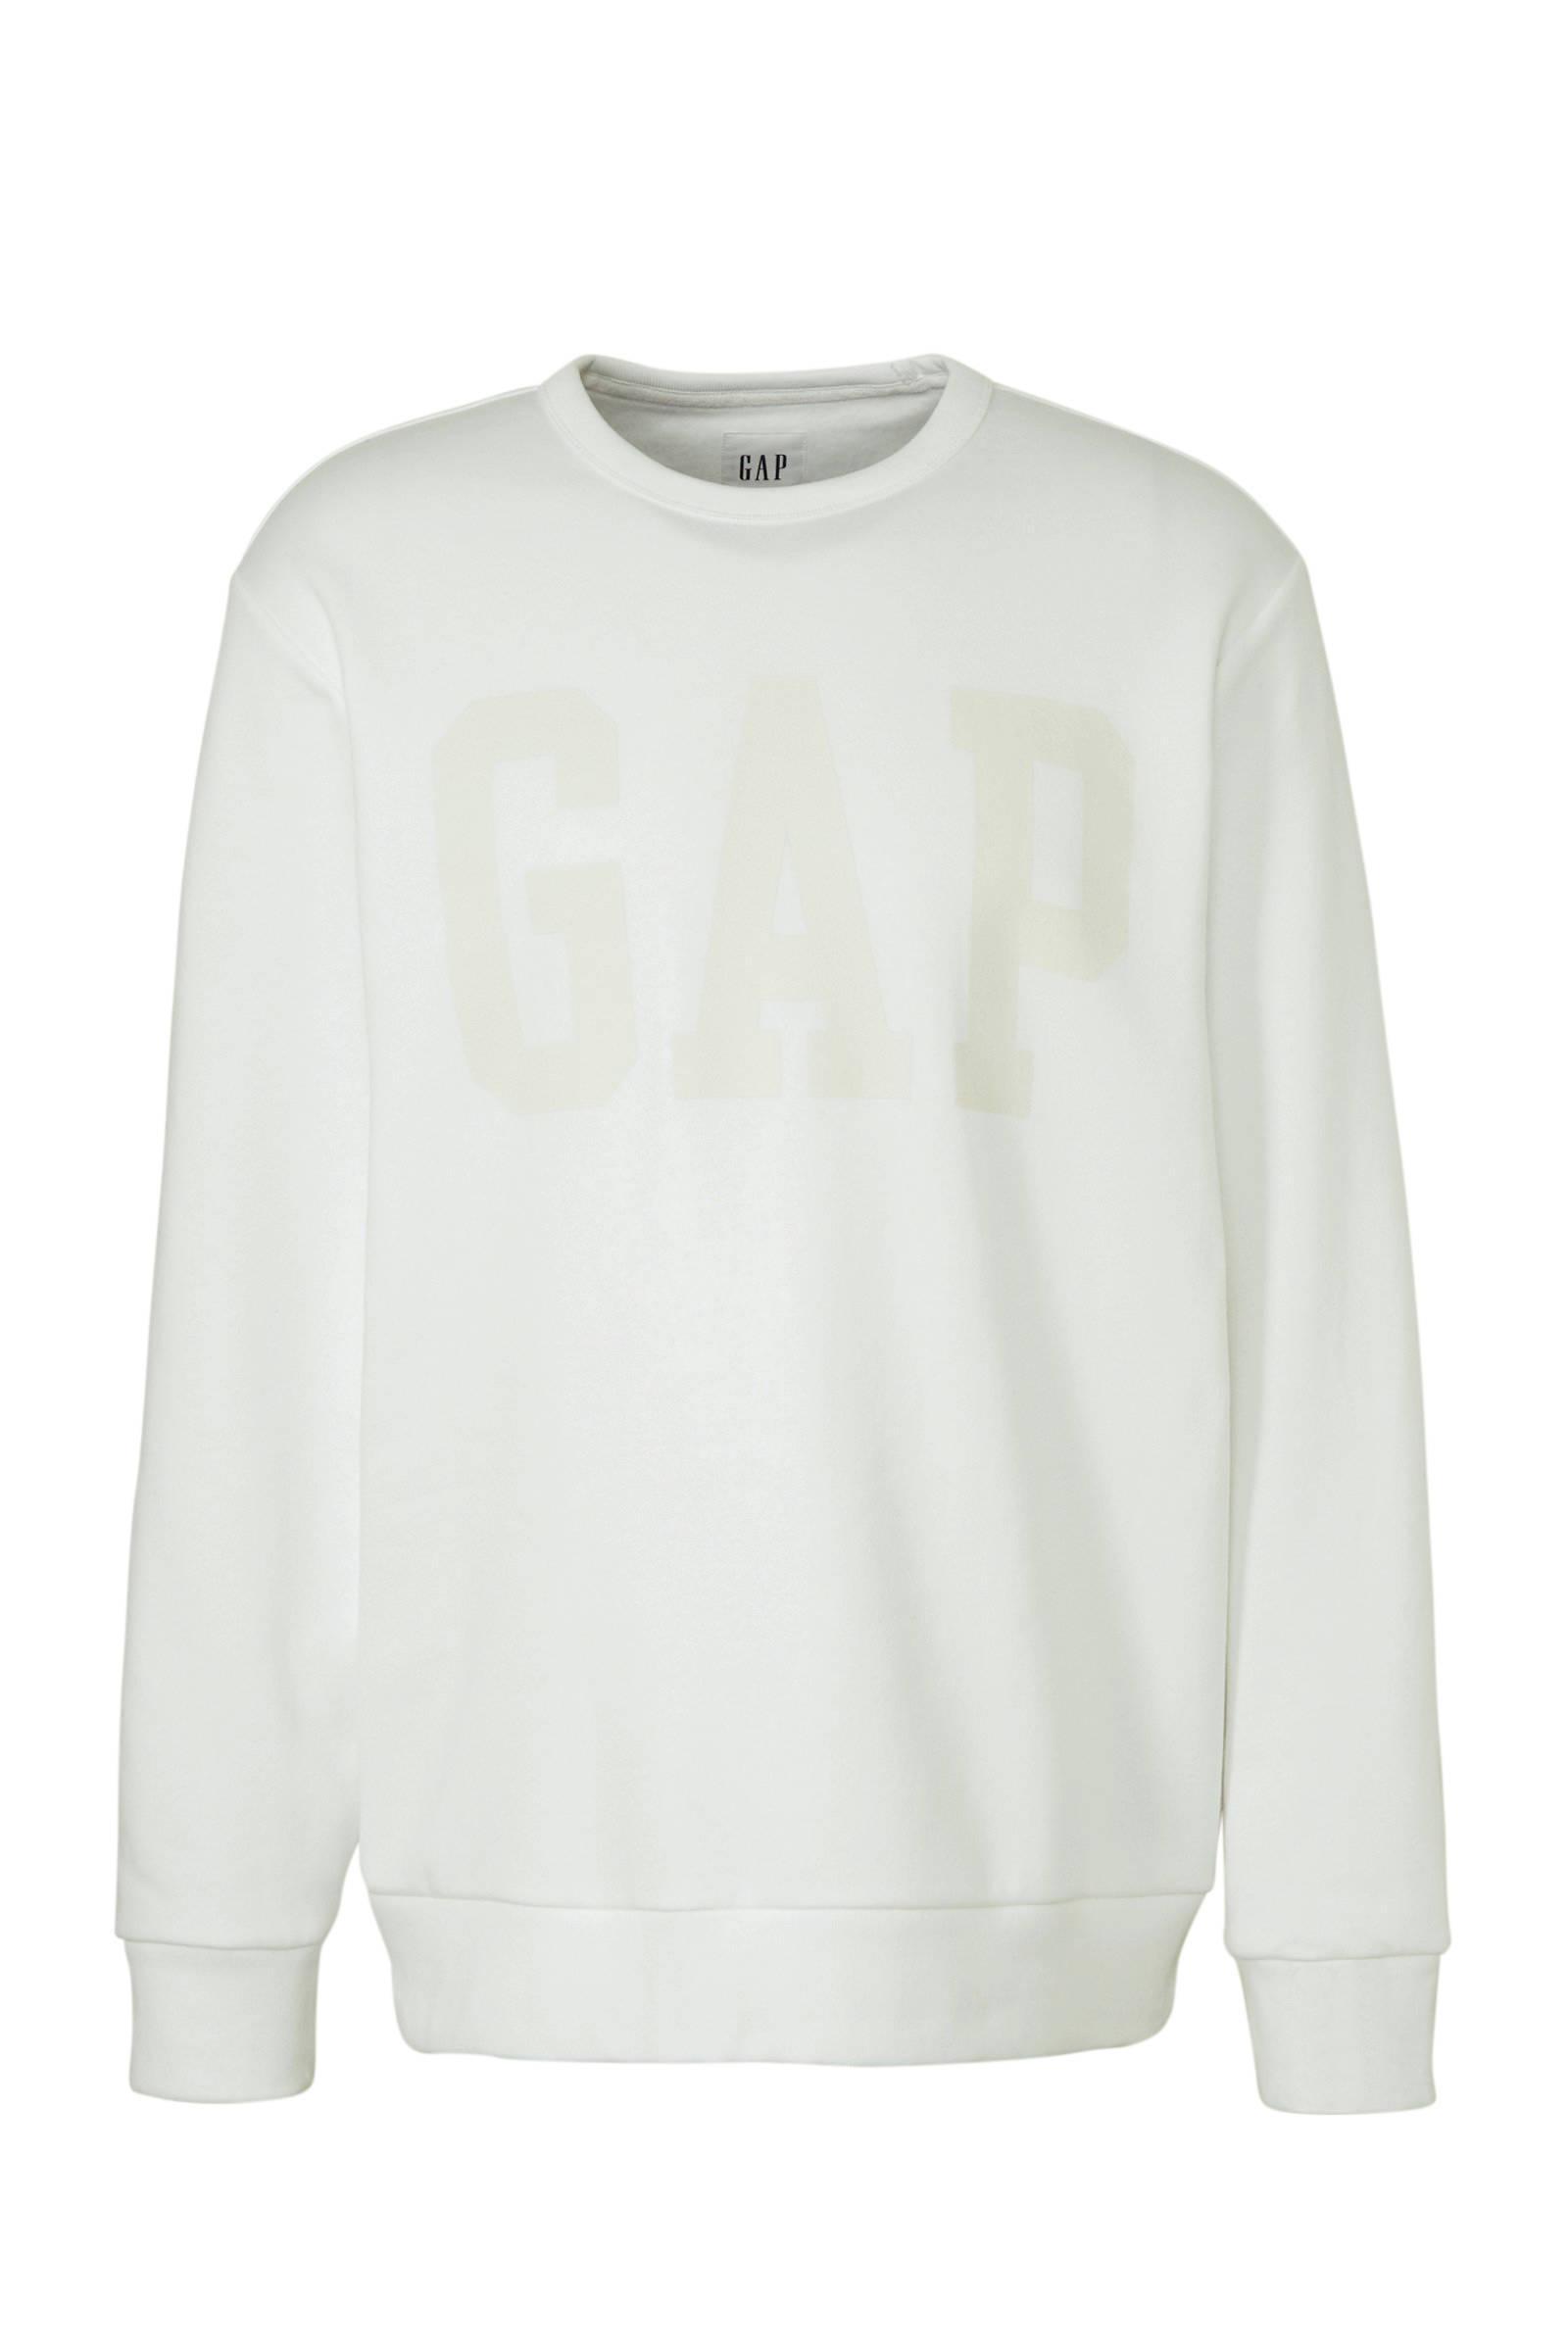 Gap Sweater Met Printopdruk Wit in het Wit voor heren